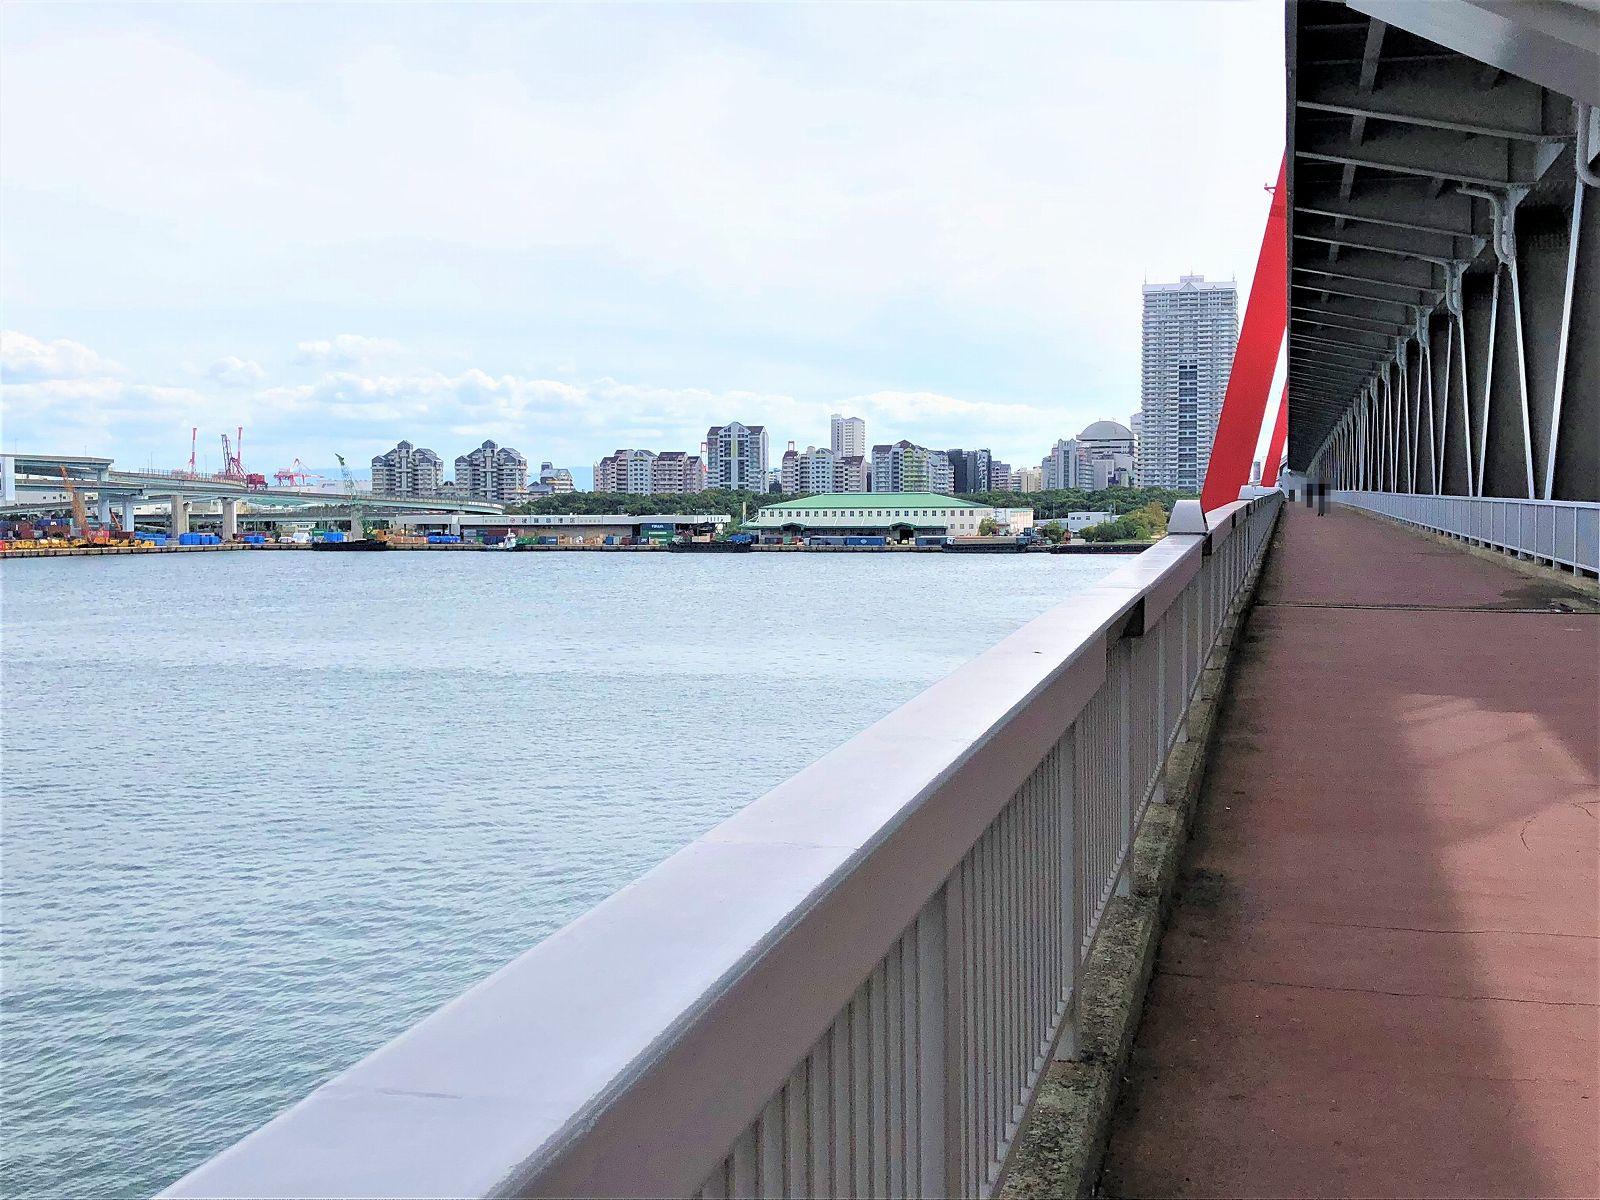 六甲アイランドまで歩いて海を渡ってみた! #東灘区 #六甲アイランド #六甲大橋 #ウォーキング